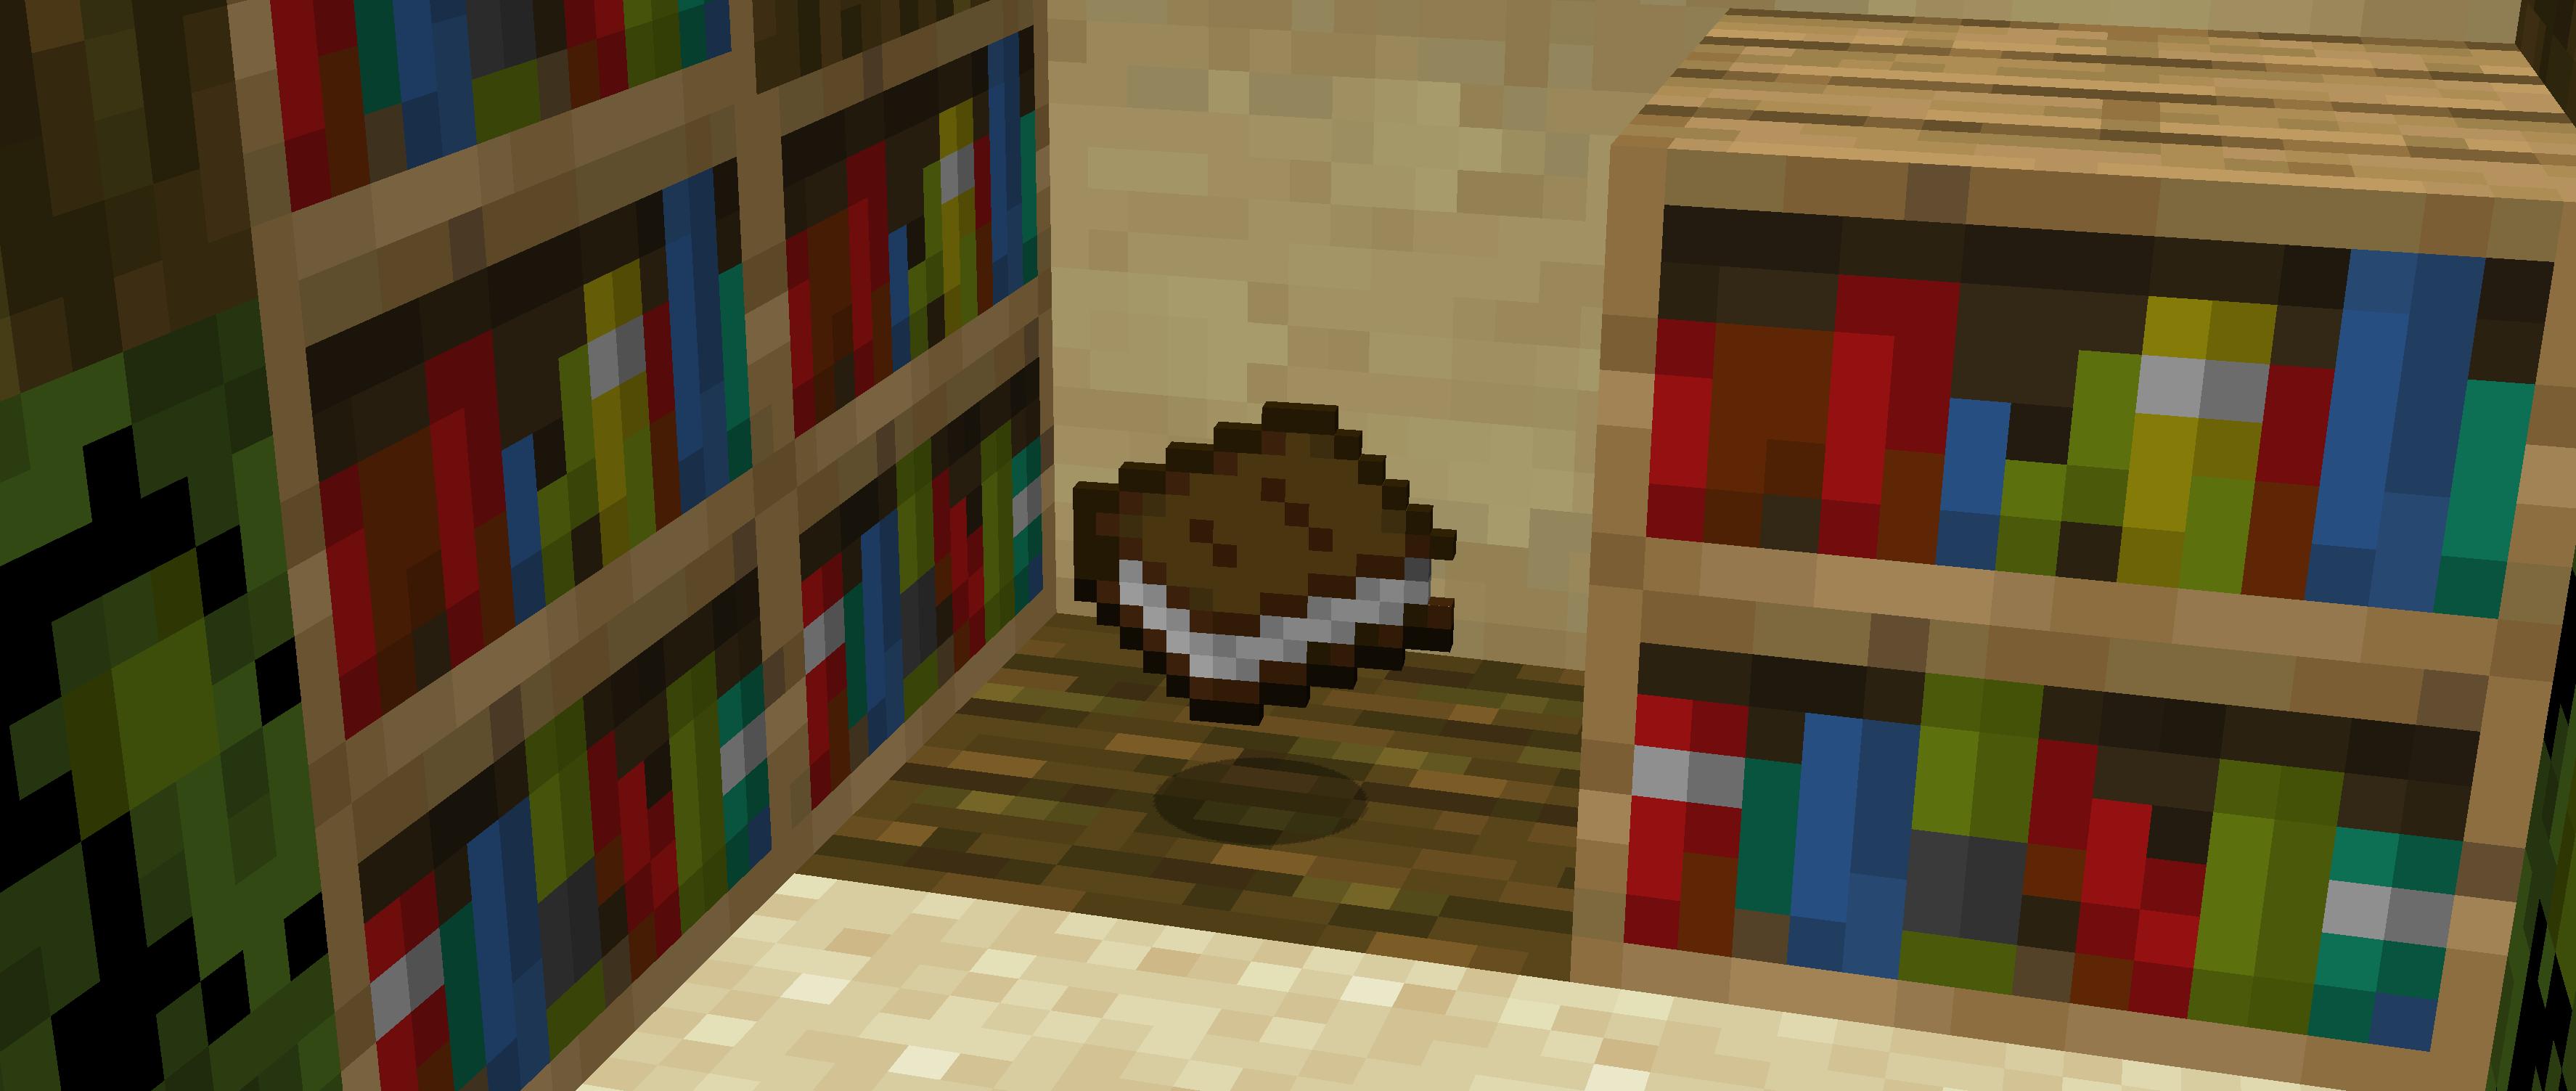 Questà è l'immagine di un libro, un Oggetto fondamentale per le Survival di Minecraft. Oggi vedremo infatti Come Craftare Un Libro, su TheCommandBrick!